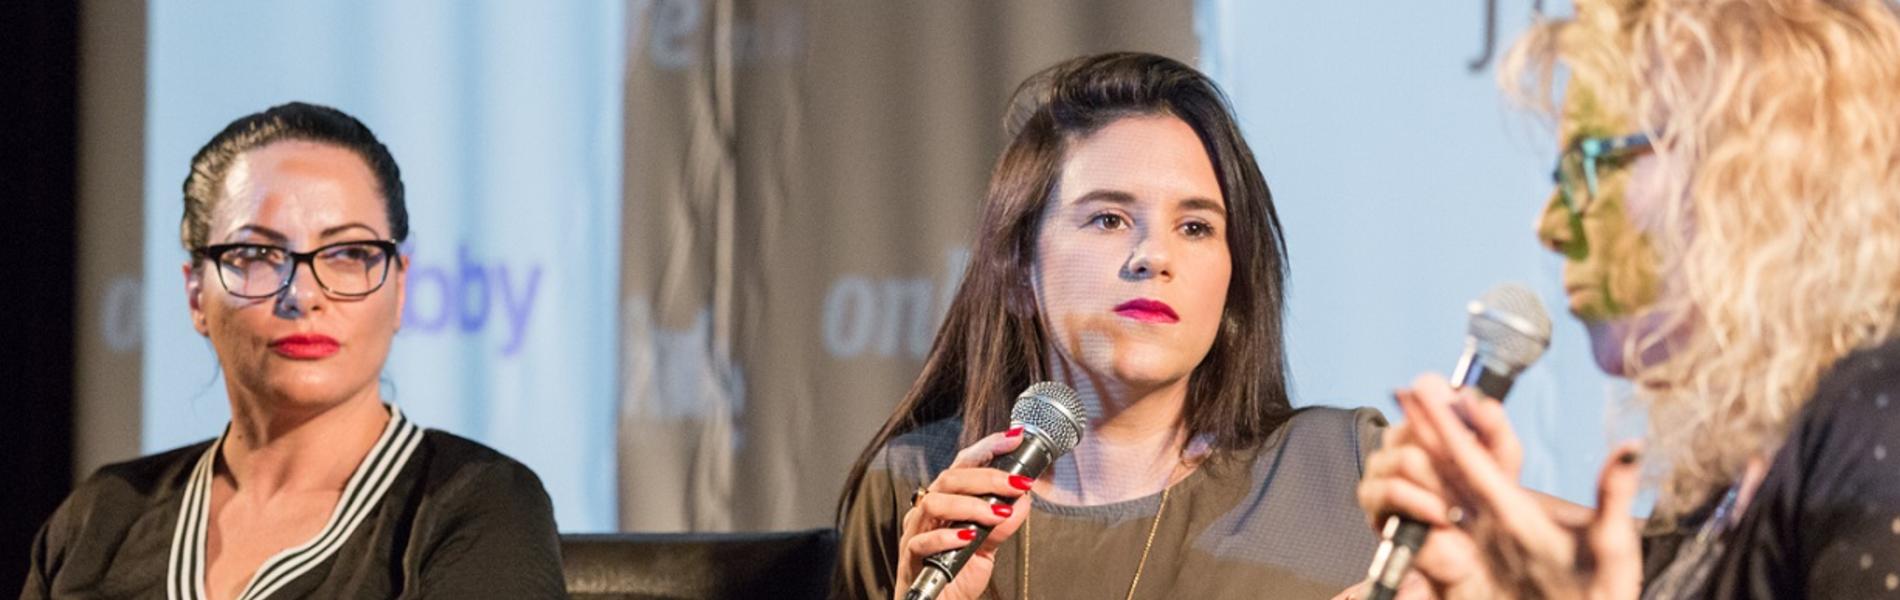 אמילי עמרוסי: המהפכה הפמיניסטית הכי גדולה מתרחשת בתוך בתי הכנסת